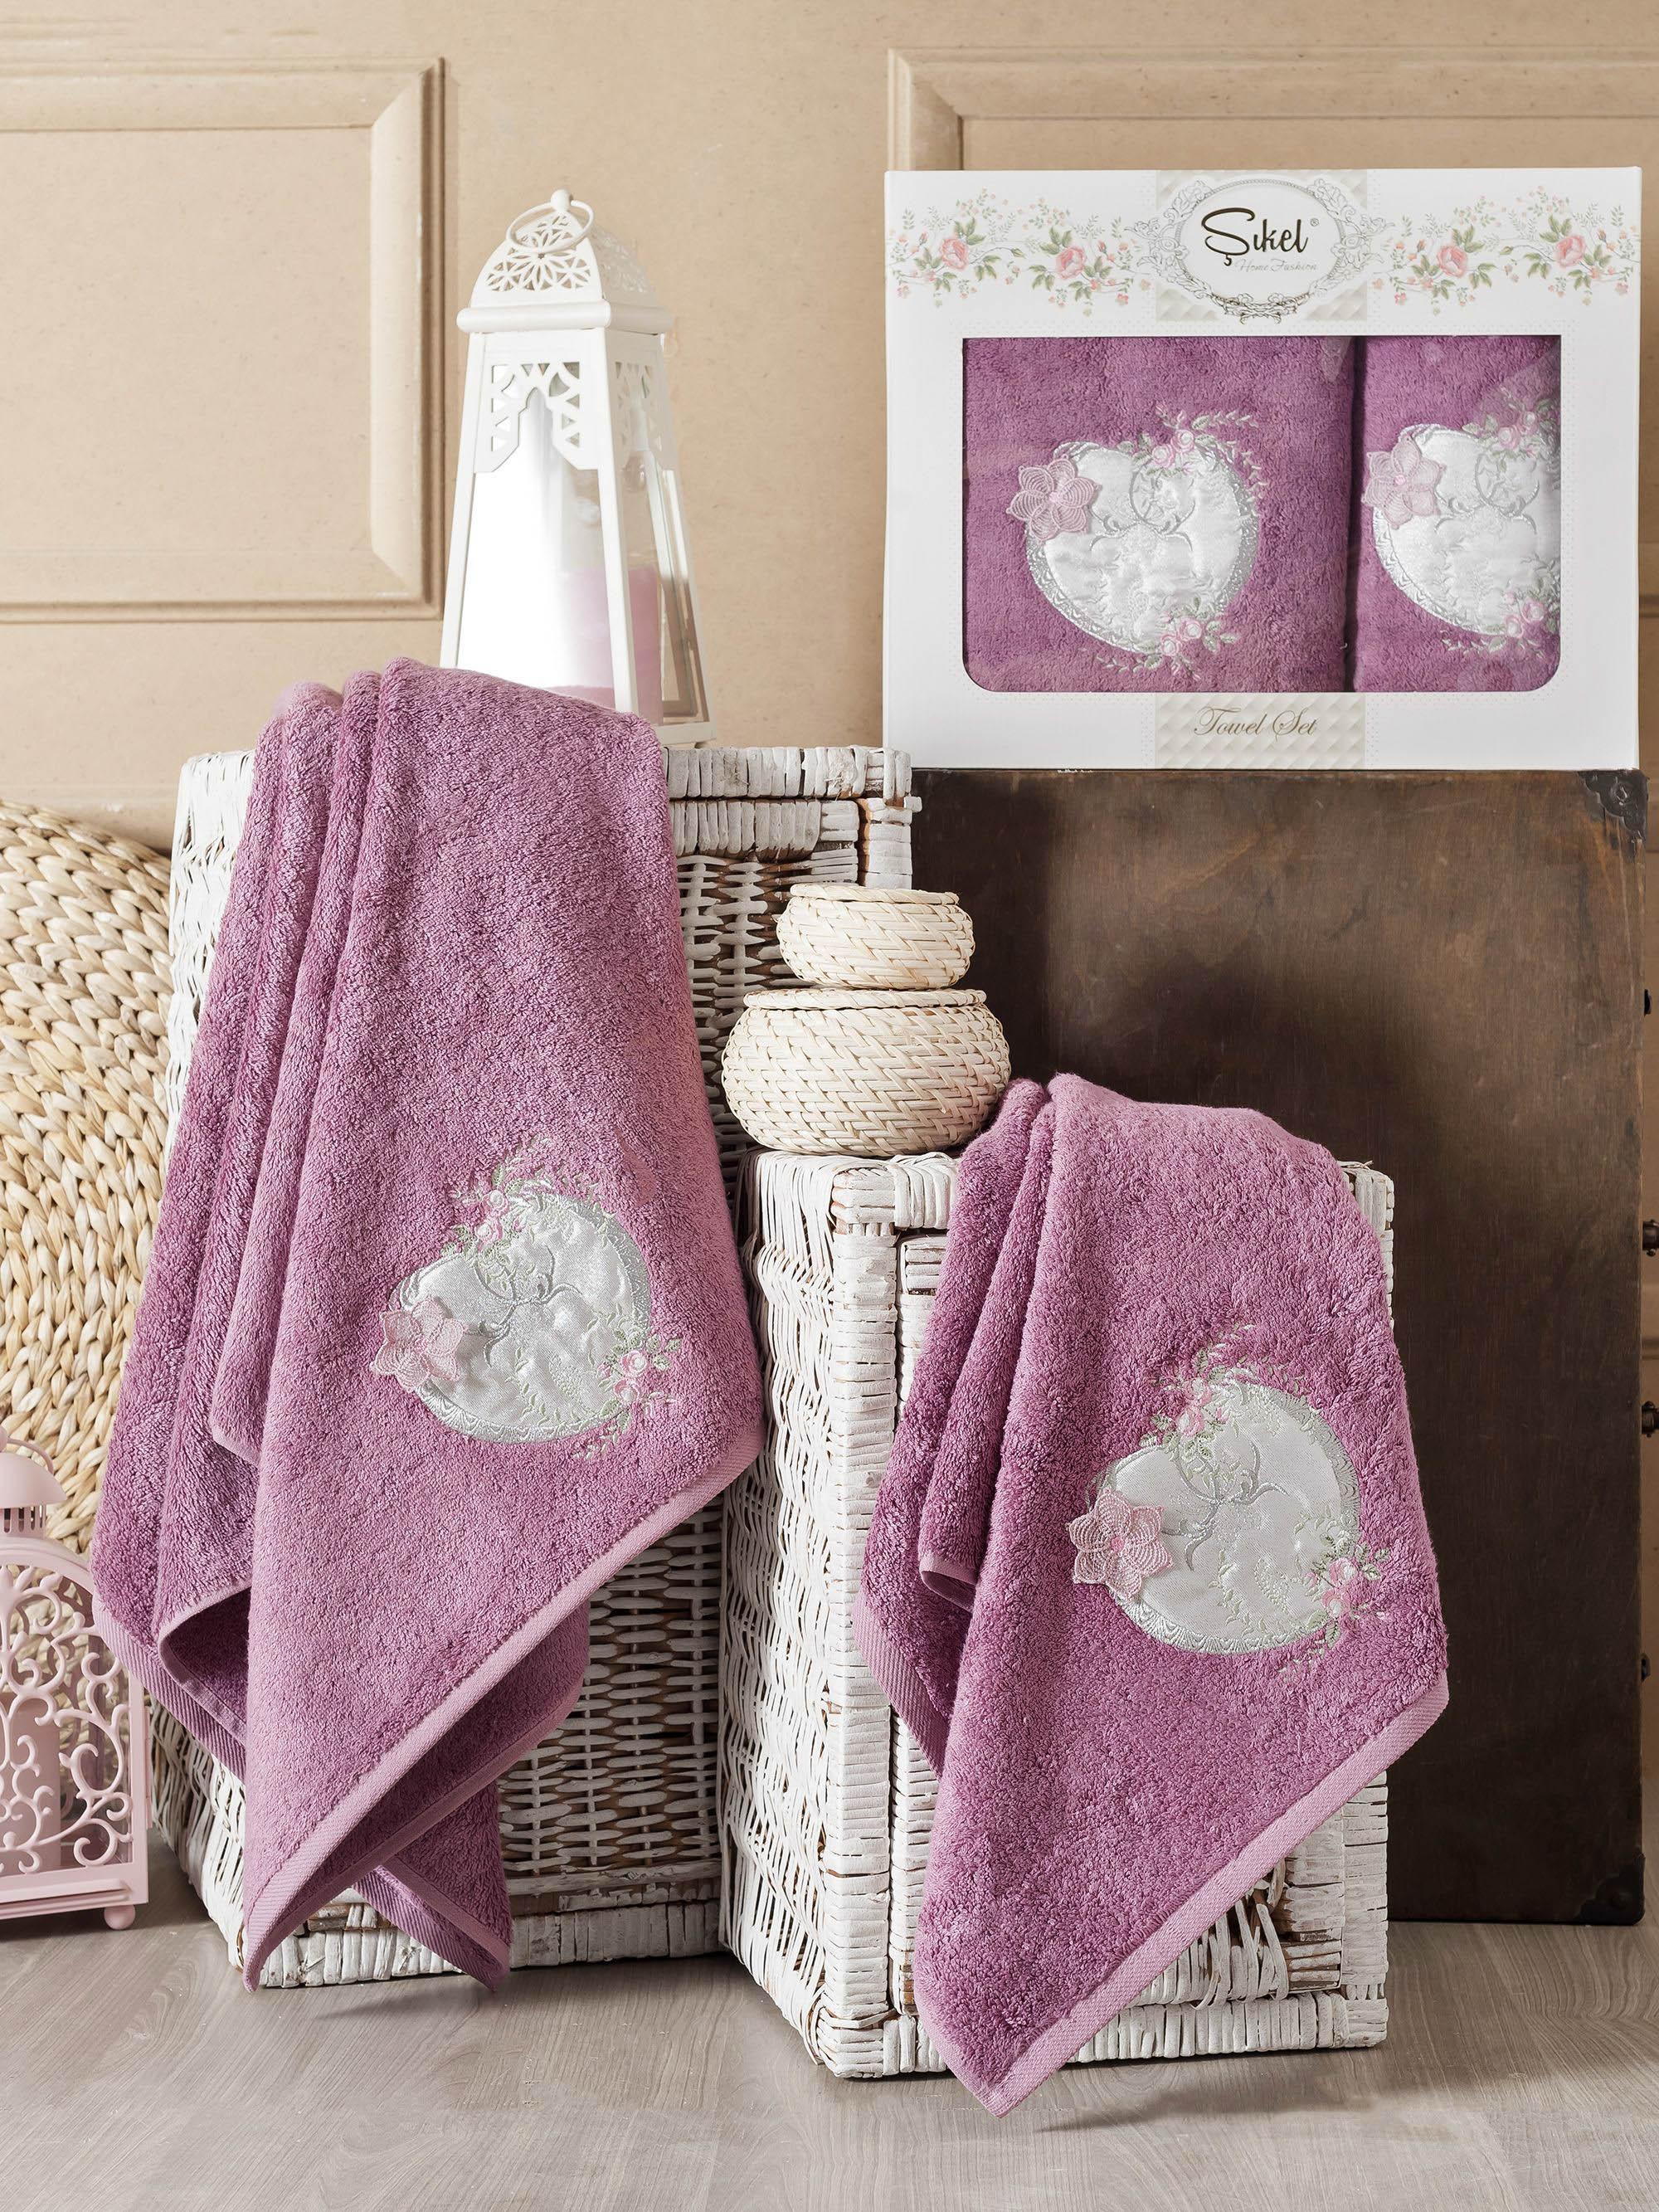 Полотенца Sikel Набор из 2 полотенец Simli Kalp Цвет: Фиолетовый набор из 3 полотенец merzuka sakura 50х90 2 70х140 8432 терракотовый